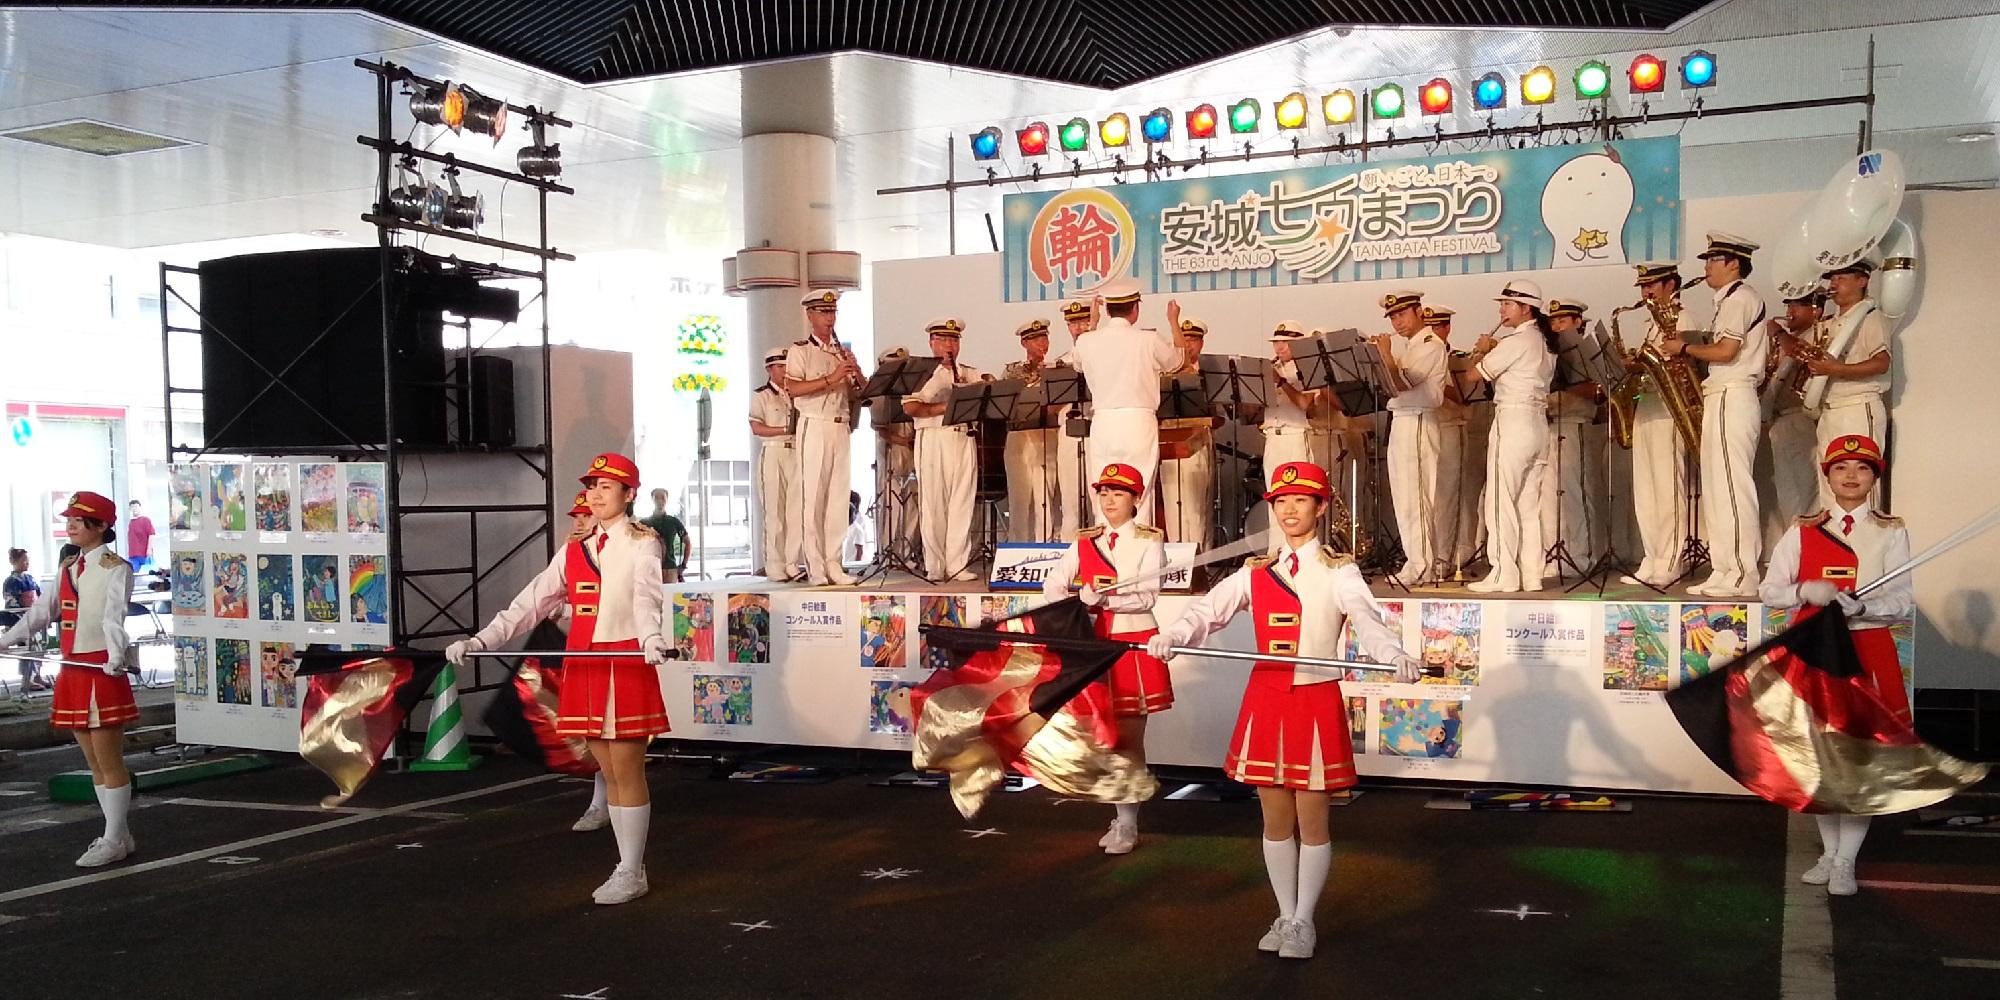 20160807_151506  あんじょうたなばたまつり - 愛知県警察音楽隊 (15) スーサ